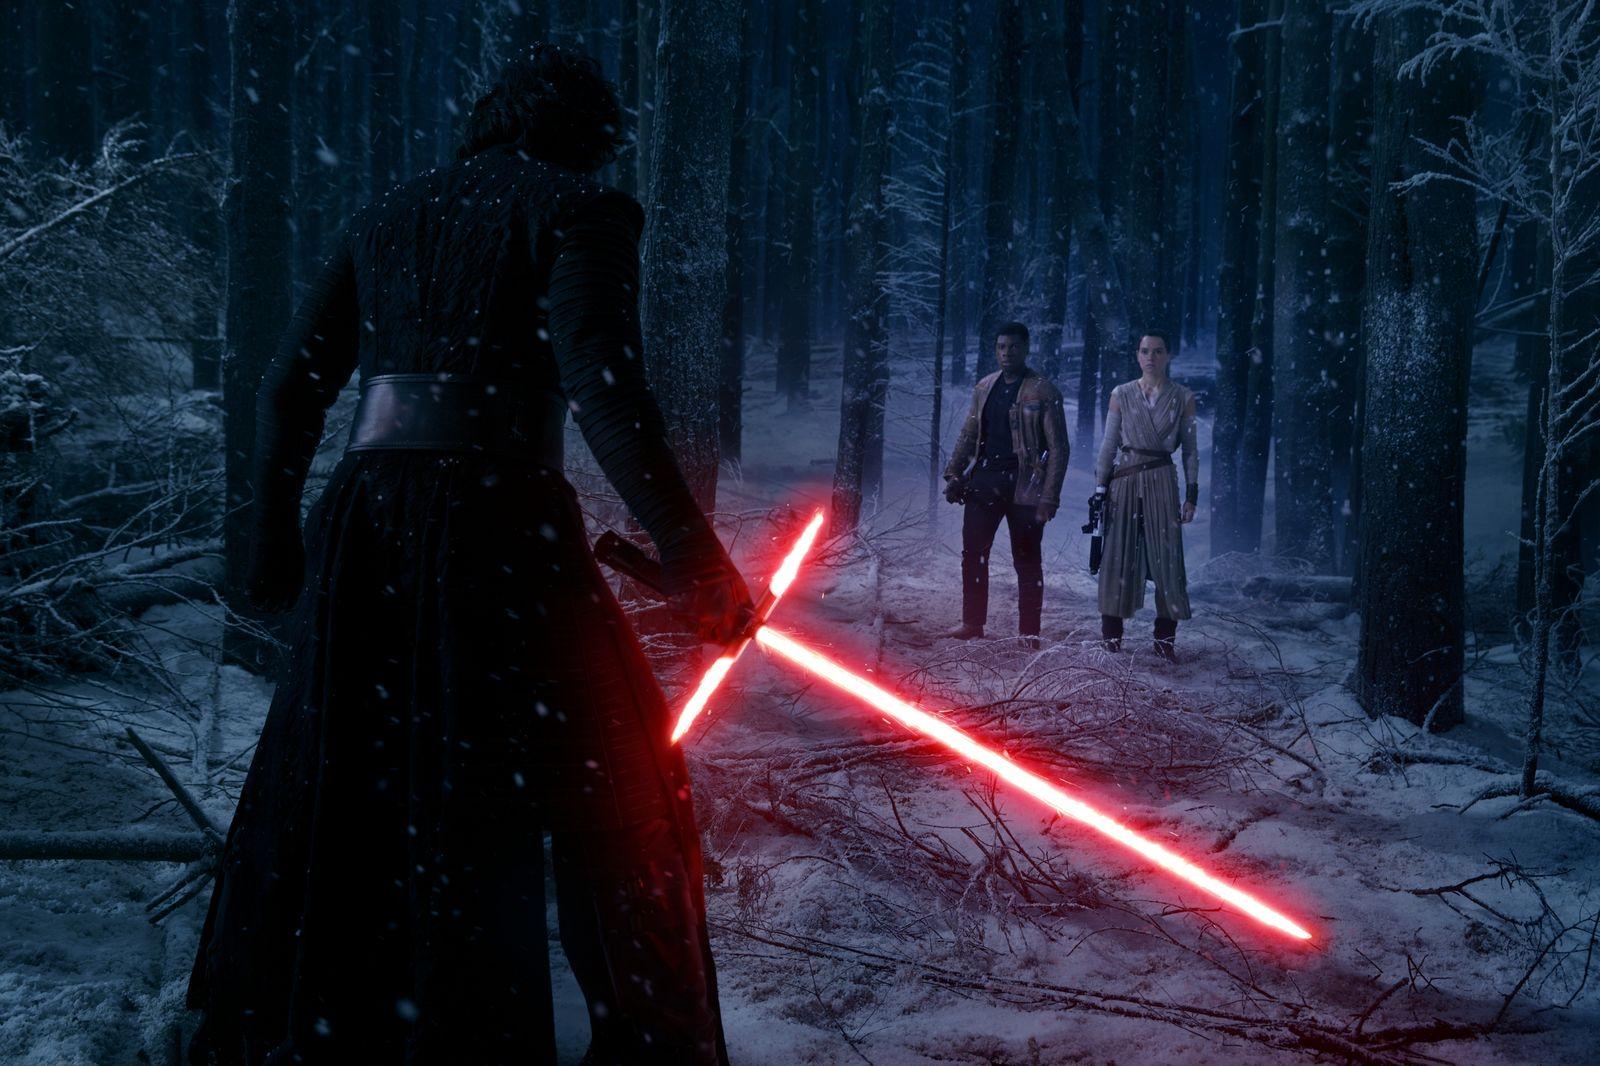 Kylo Ren em confronto com Finn e Rey em Star Wars: Episódio VII - O Despertar da Força (photo by cinemagia.ro)